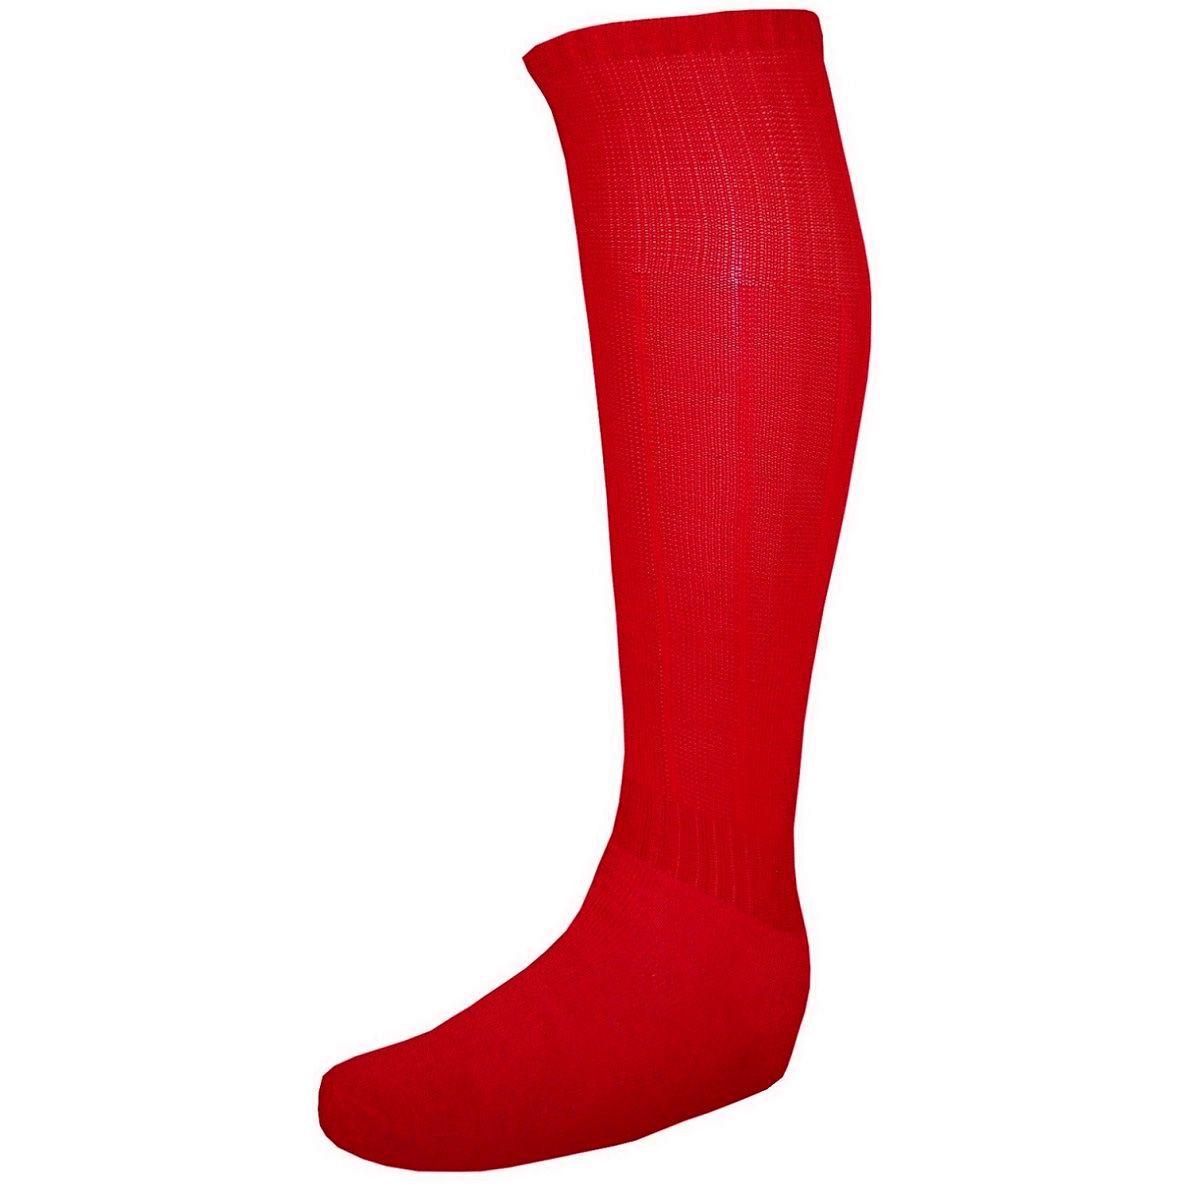 Meião de Futebol Tradicional Reforçado Vermelho - Delfia